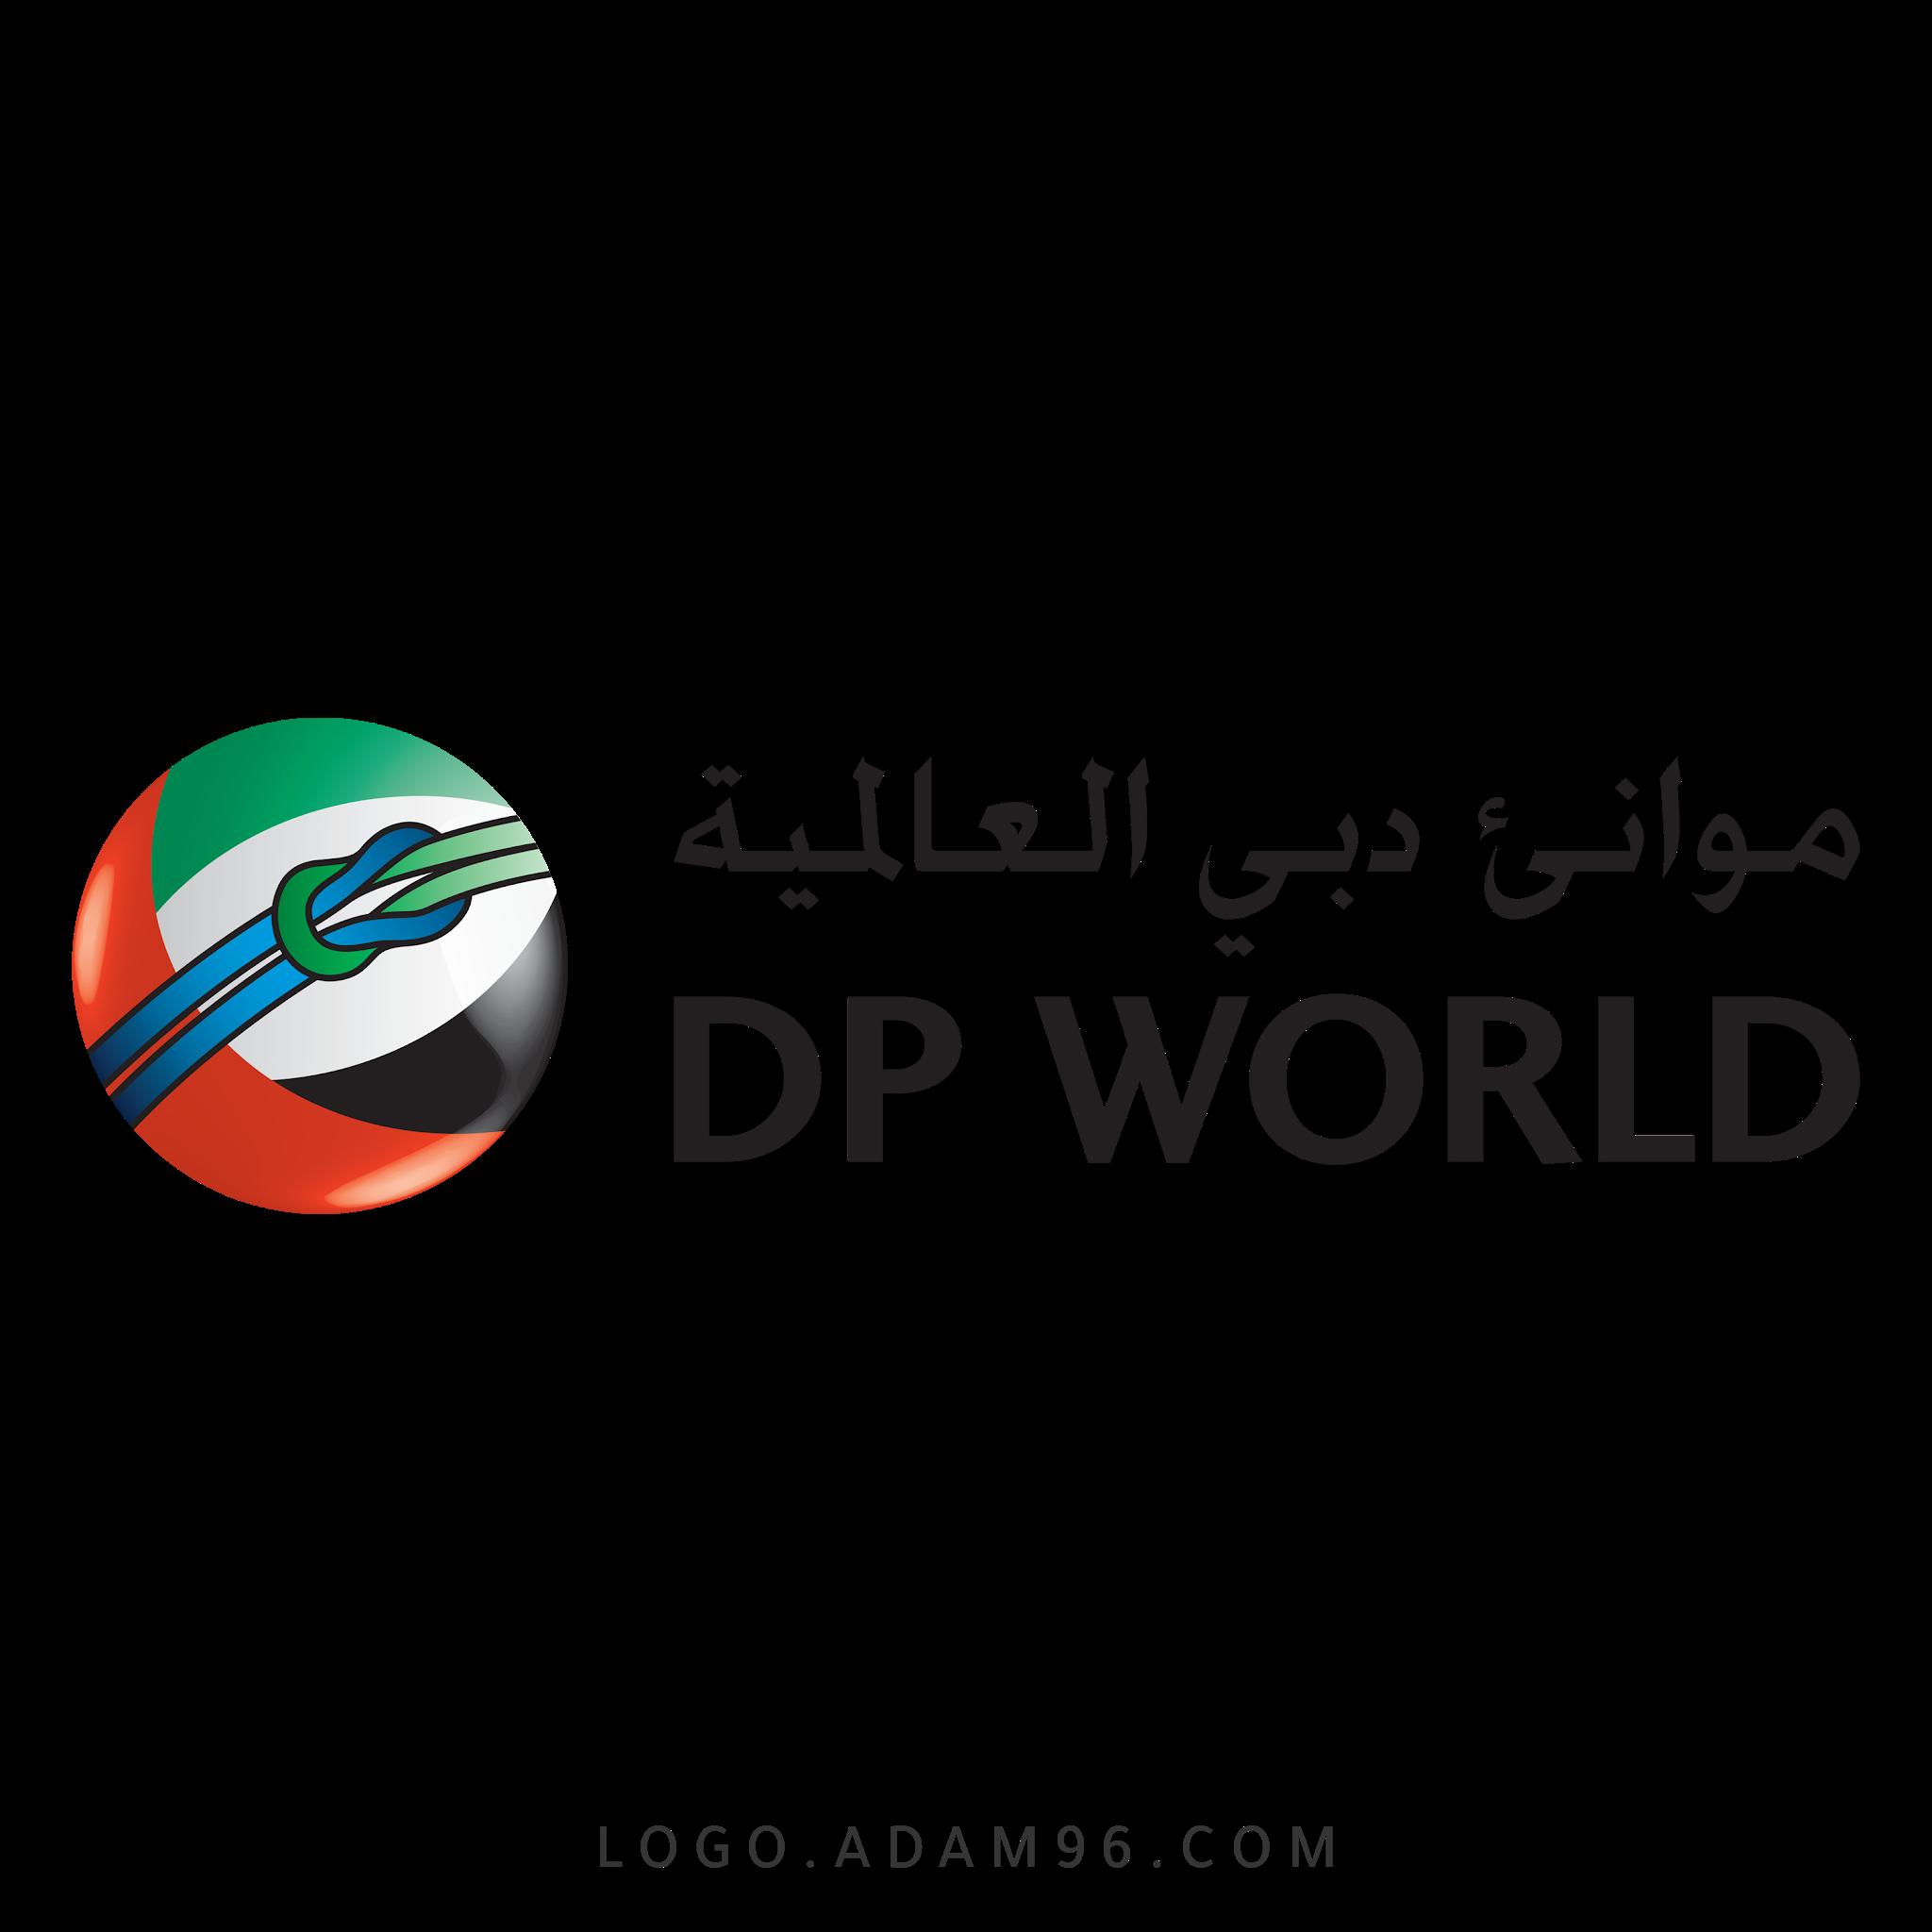 تحميل شعار موانئ دبي العالمية لوجو رسمي عالي الدقة بصيغة Logo DP World PNG